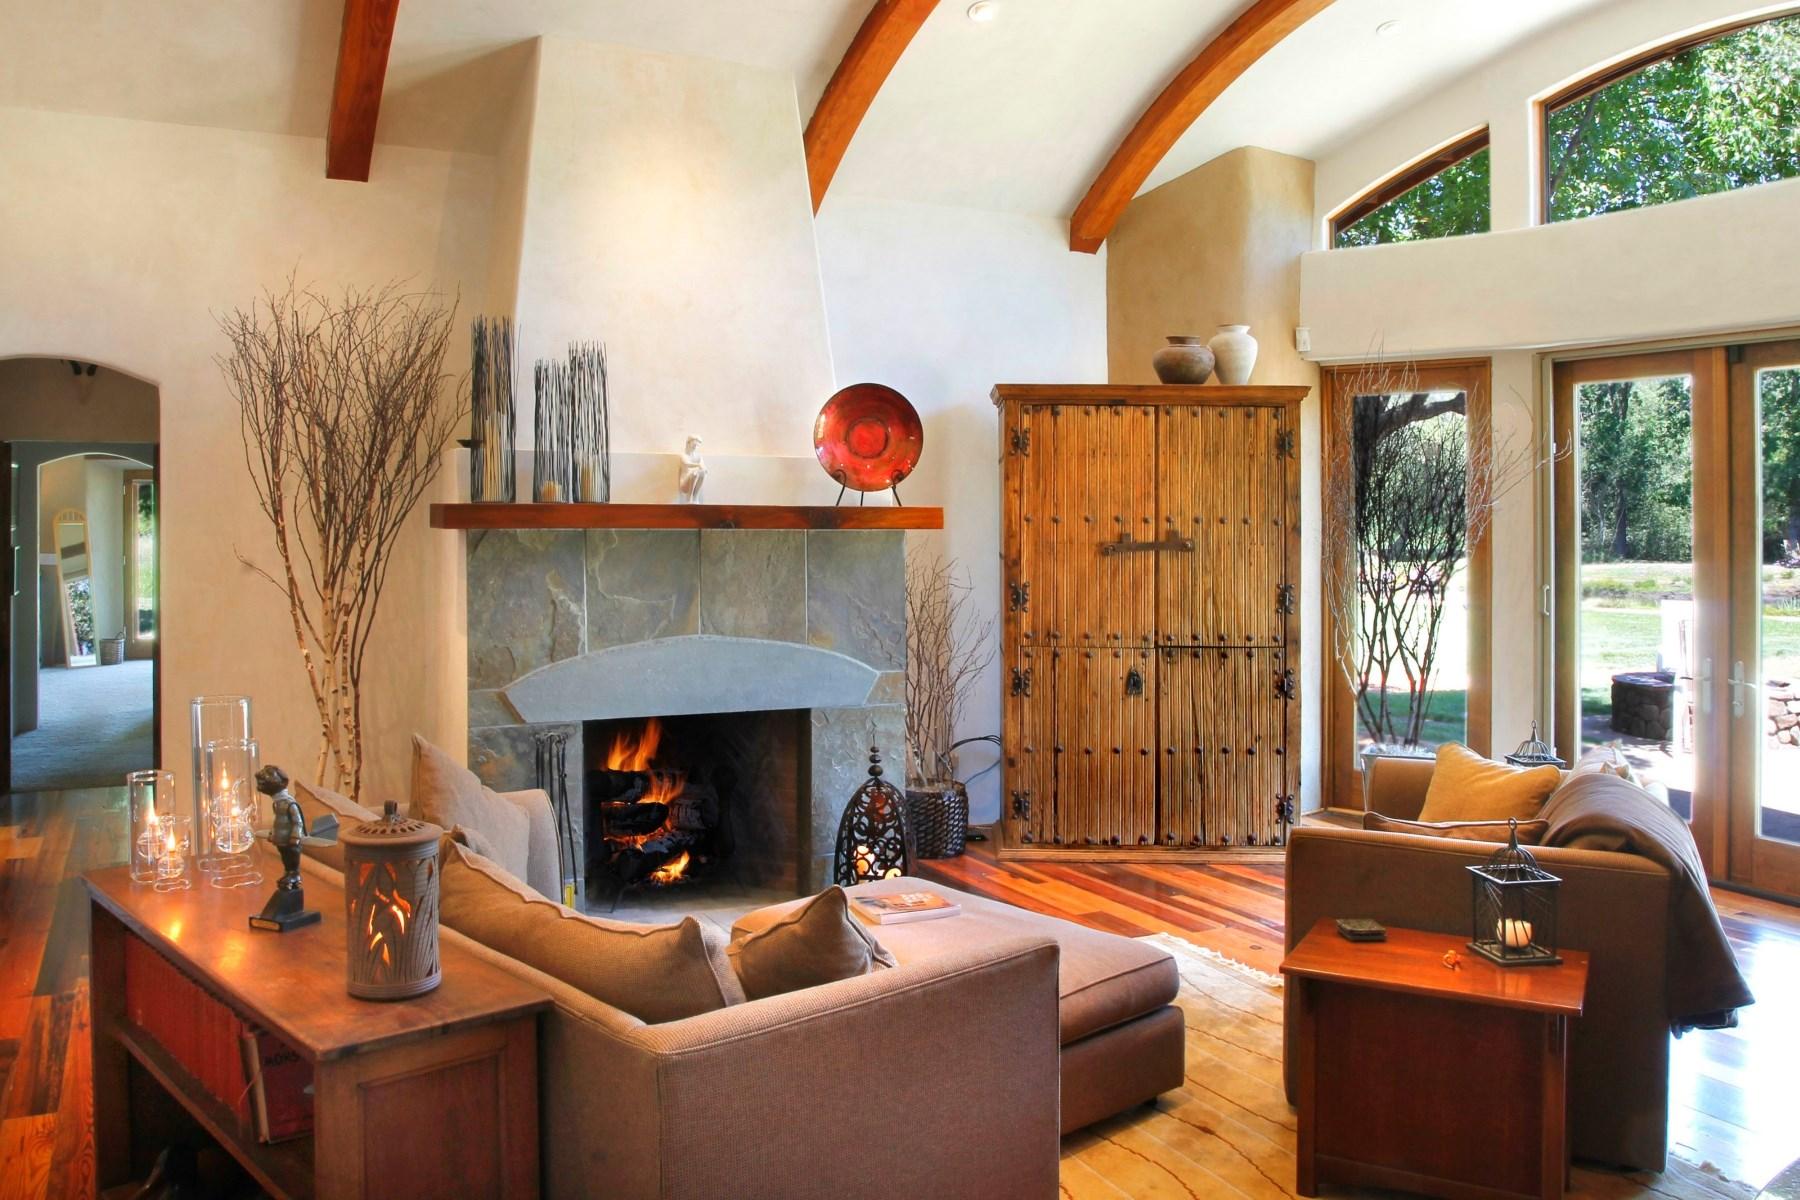 Частный односемейный дом для того Продажа на 325 Hoff Road Sonoma, Калифорния 95476 Соединенные Штаты